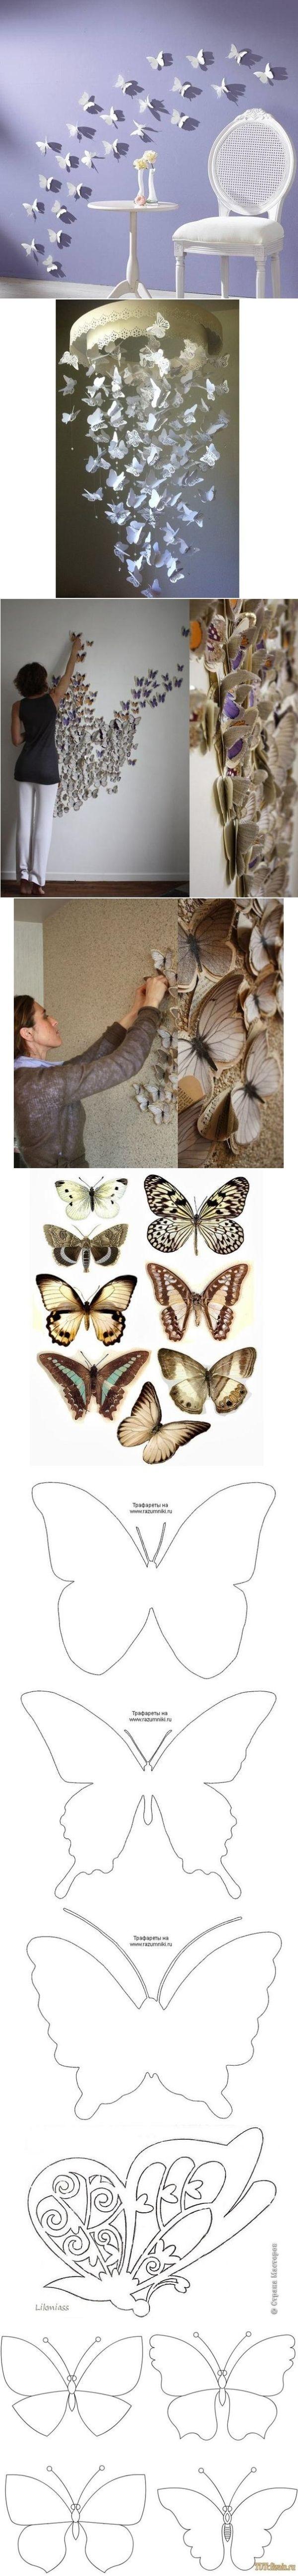 DIY Patroon Butterfly Wall Decor DIY vlinder patroon Decor van de Muur door diyforever